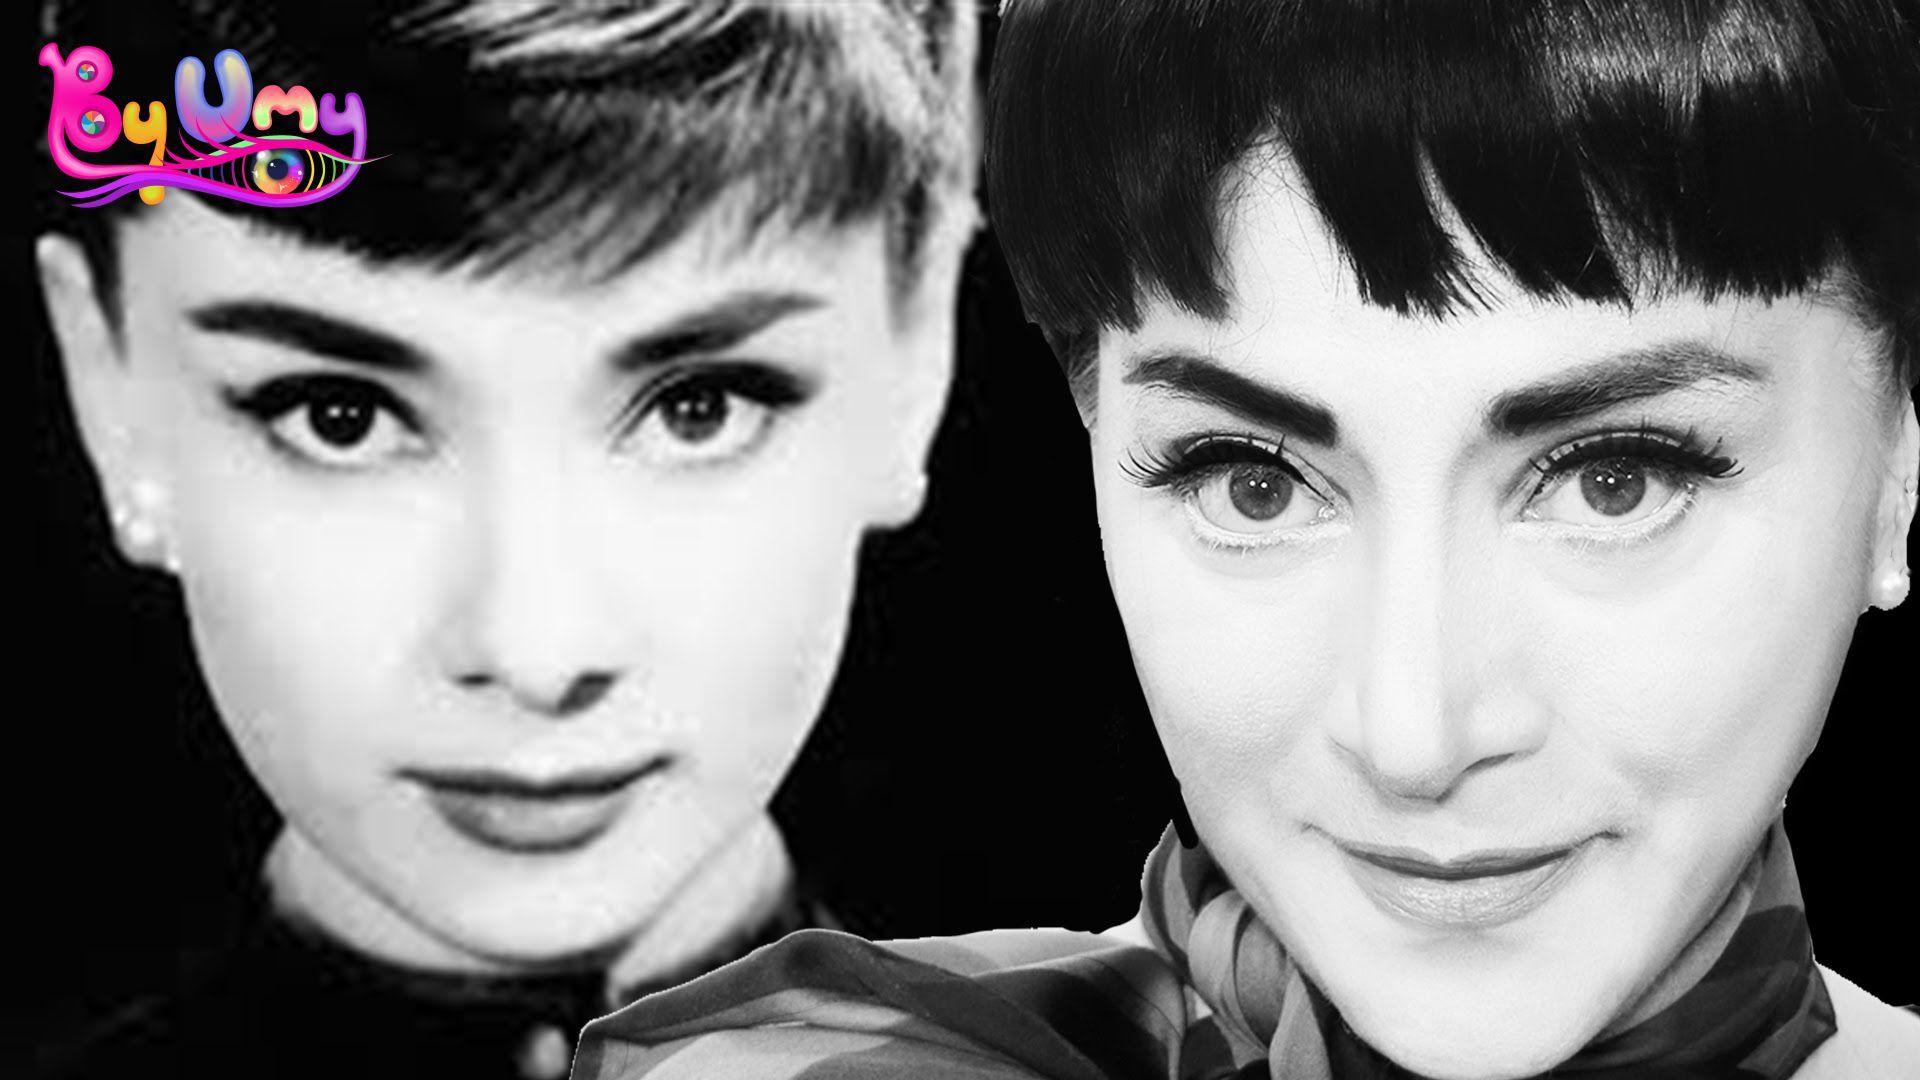 Audrey Hepburn Makyaj Audrey Hepburn Makeup Tutorial Makyaj